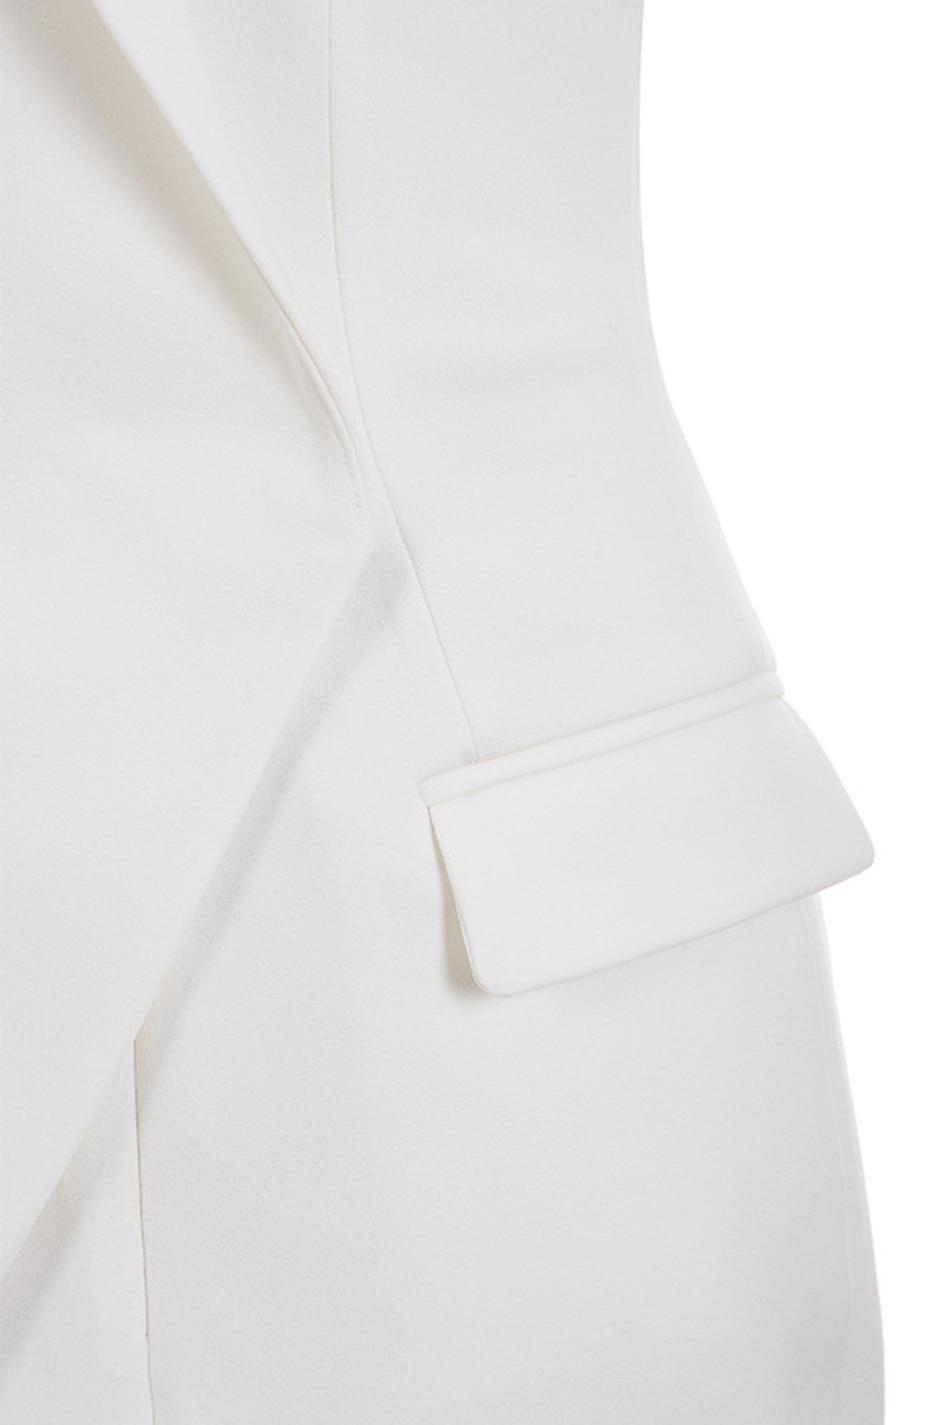 febe-white-05